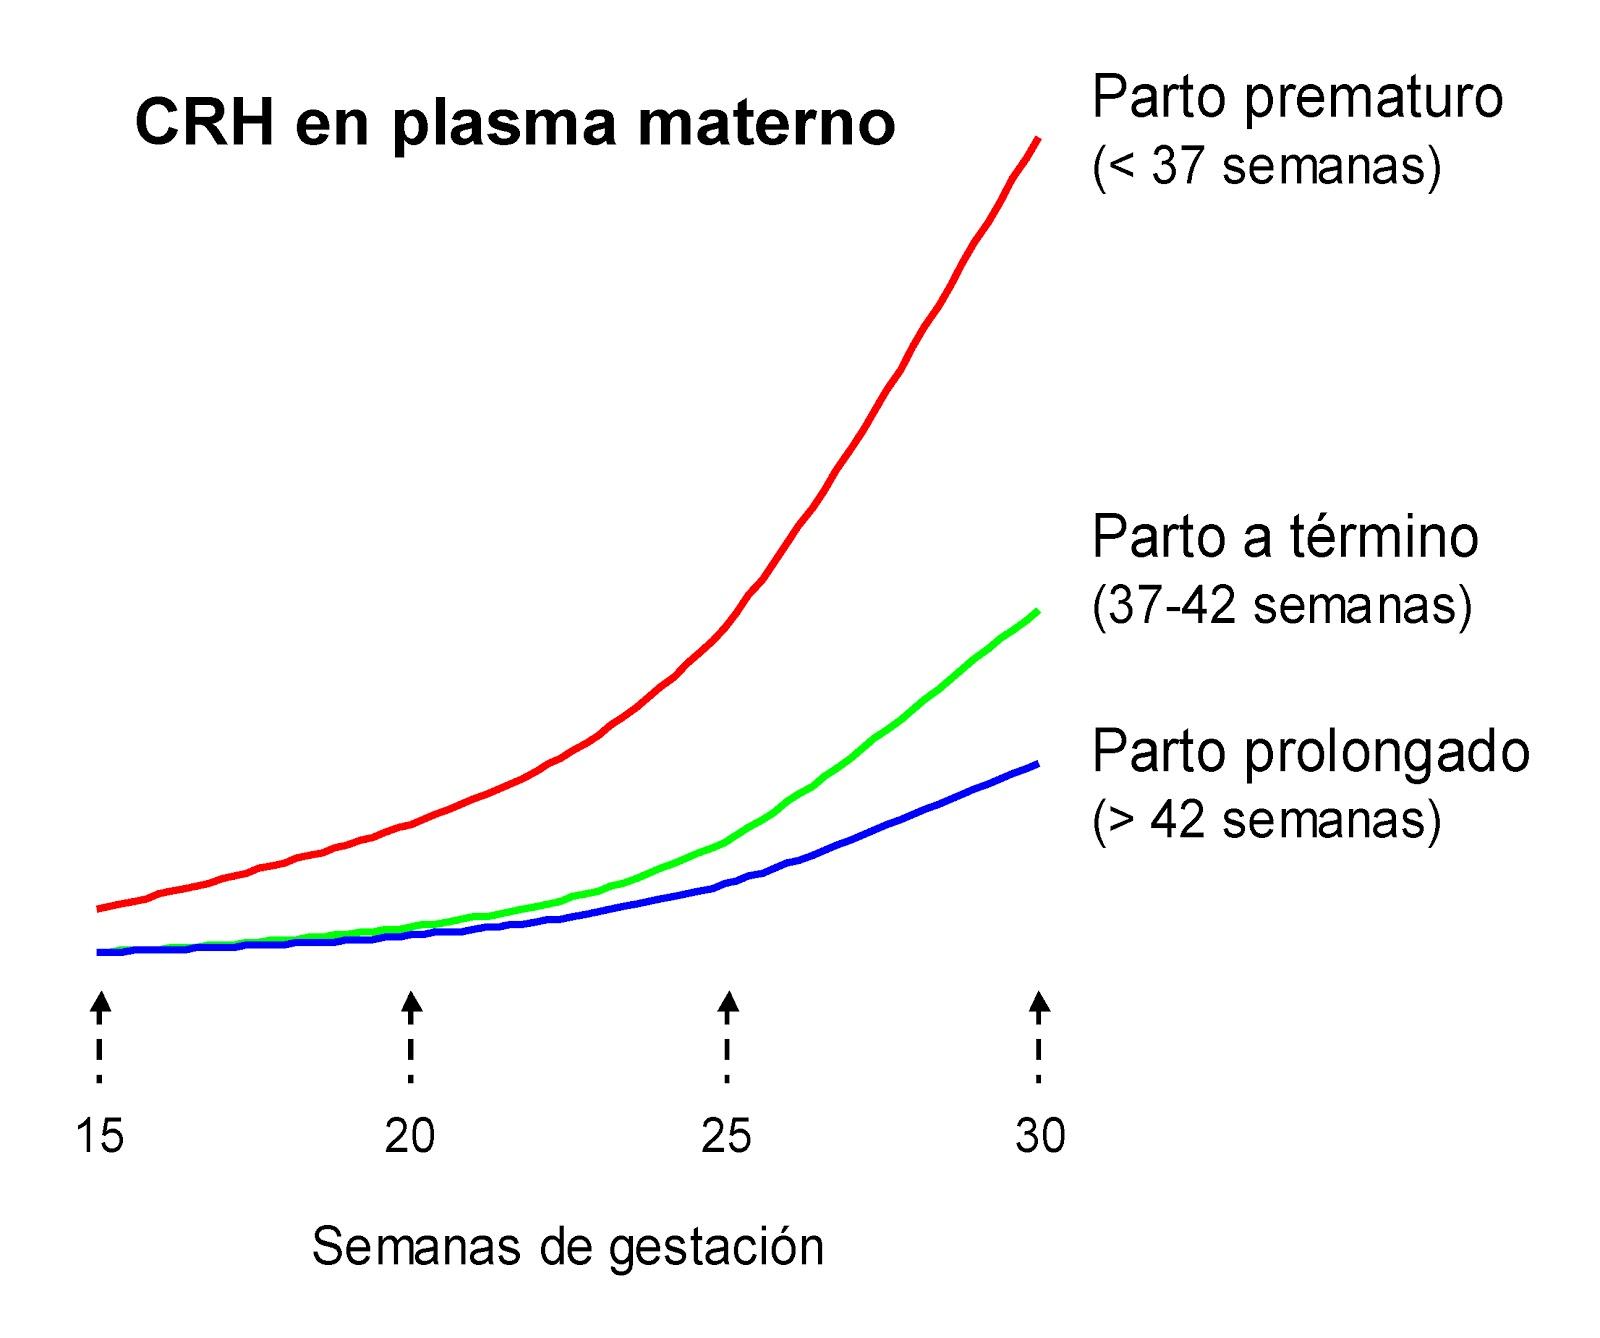 Niveles de CRH en plasma en madres con parto prematuro, a término y prolongado